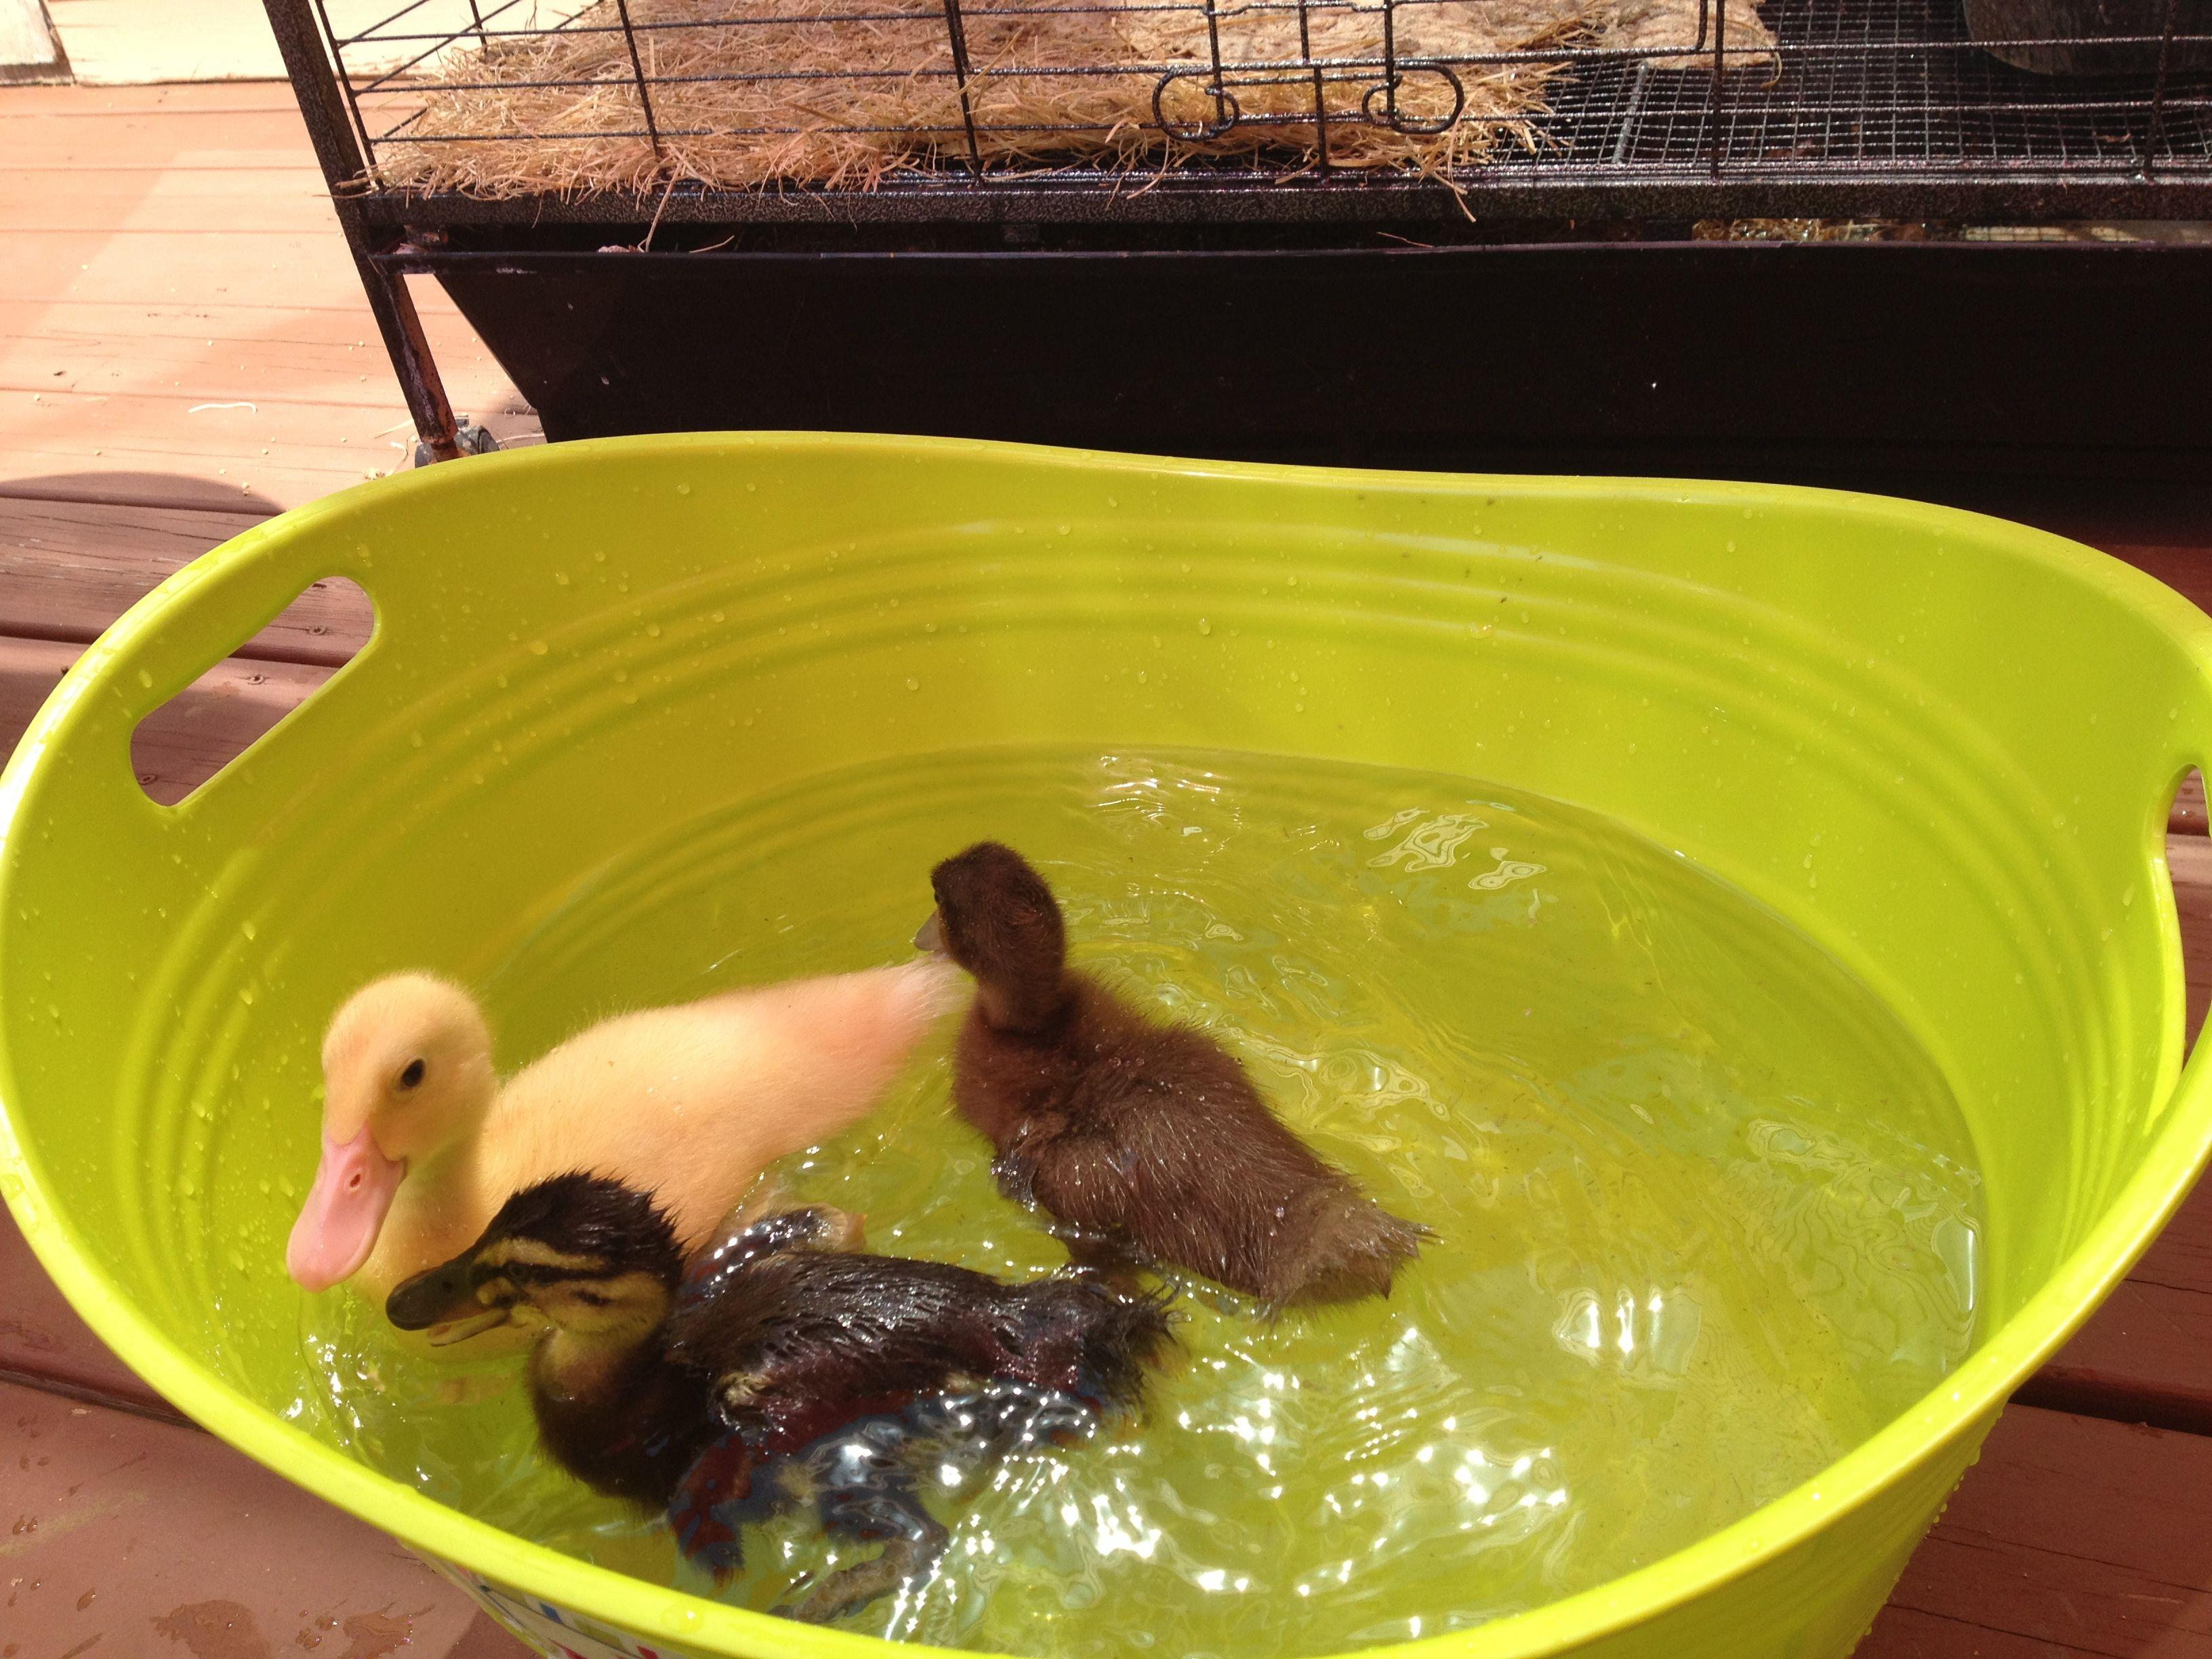 Ducklings in a bucket :)